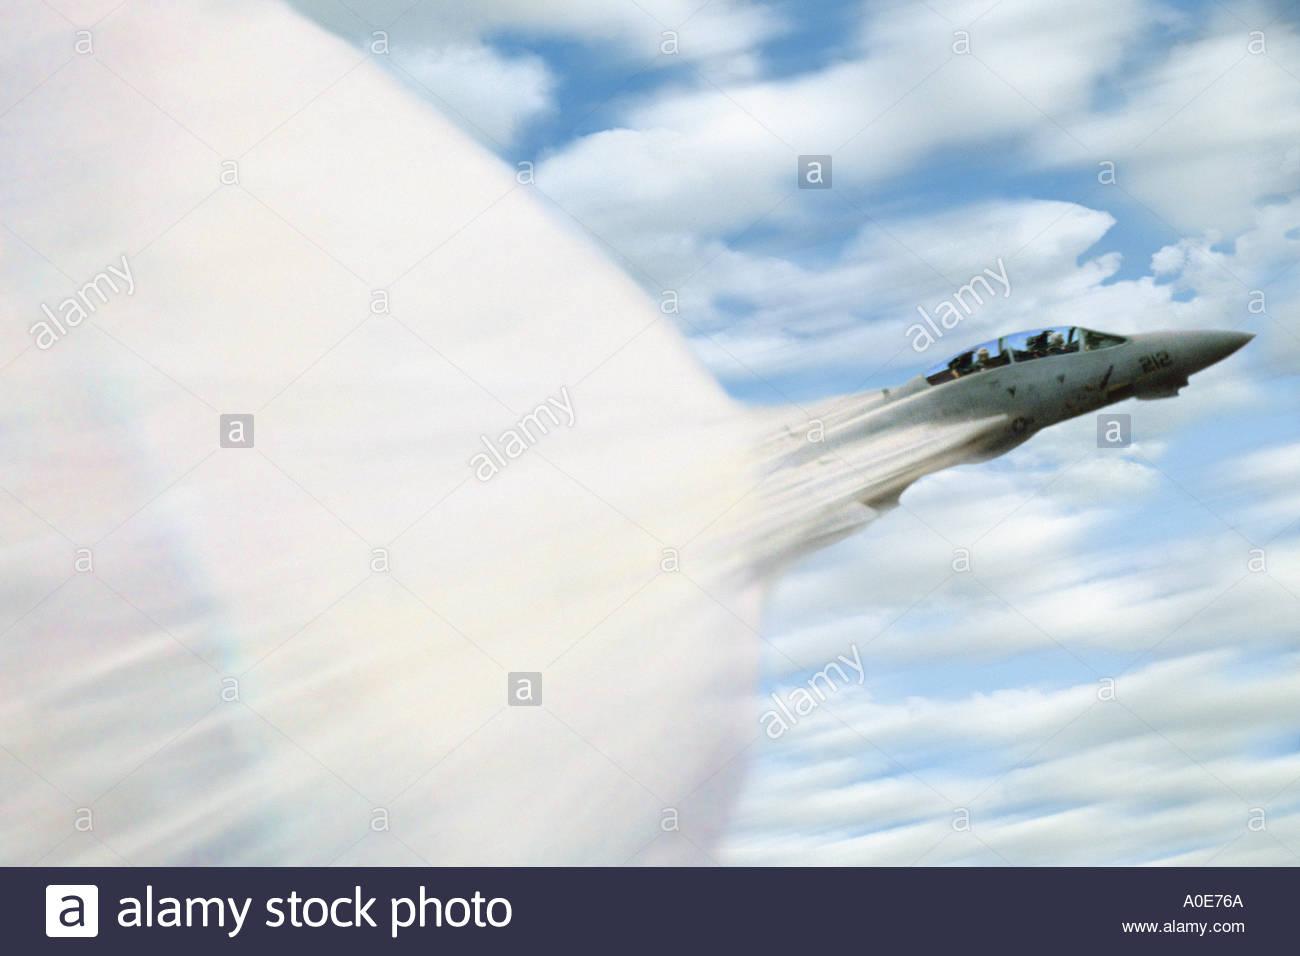 Mach, una marina de los Estados Unidos de aviones F-14 Tomcat rompiendo la barrera del sonido a 500 pies por encima del Océano Pacífico Imagen De Stock